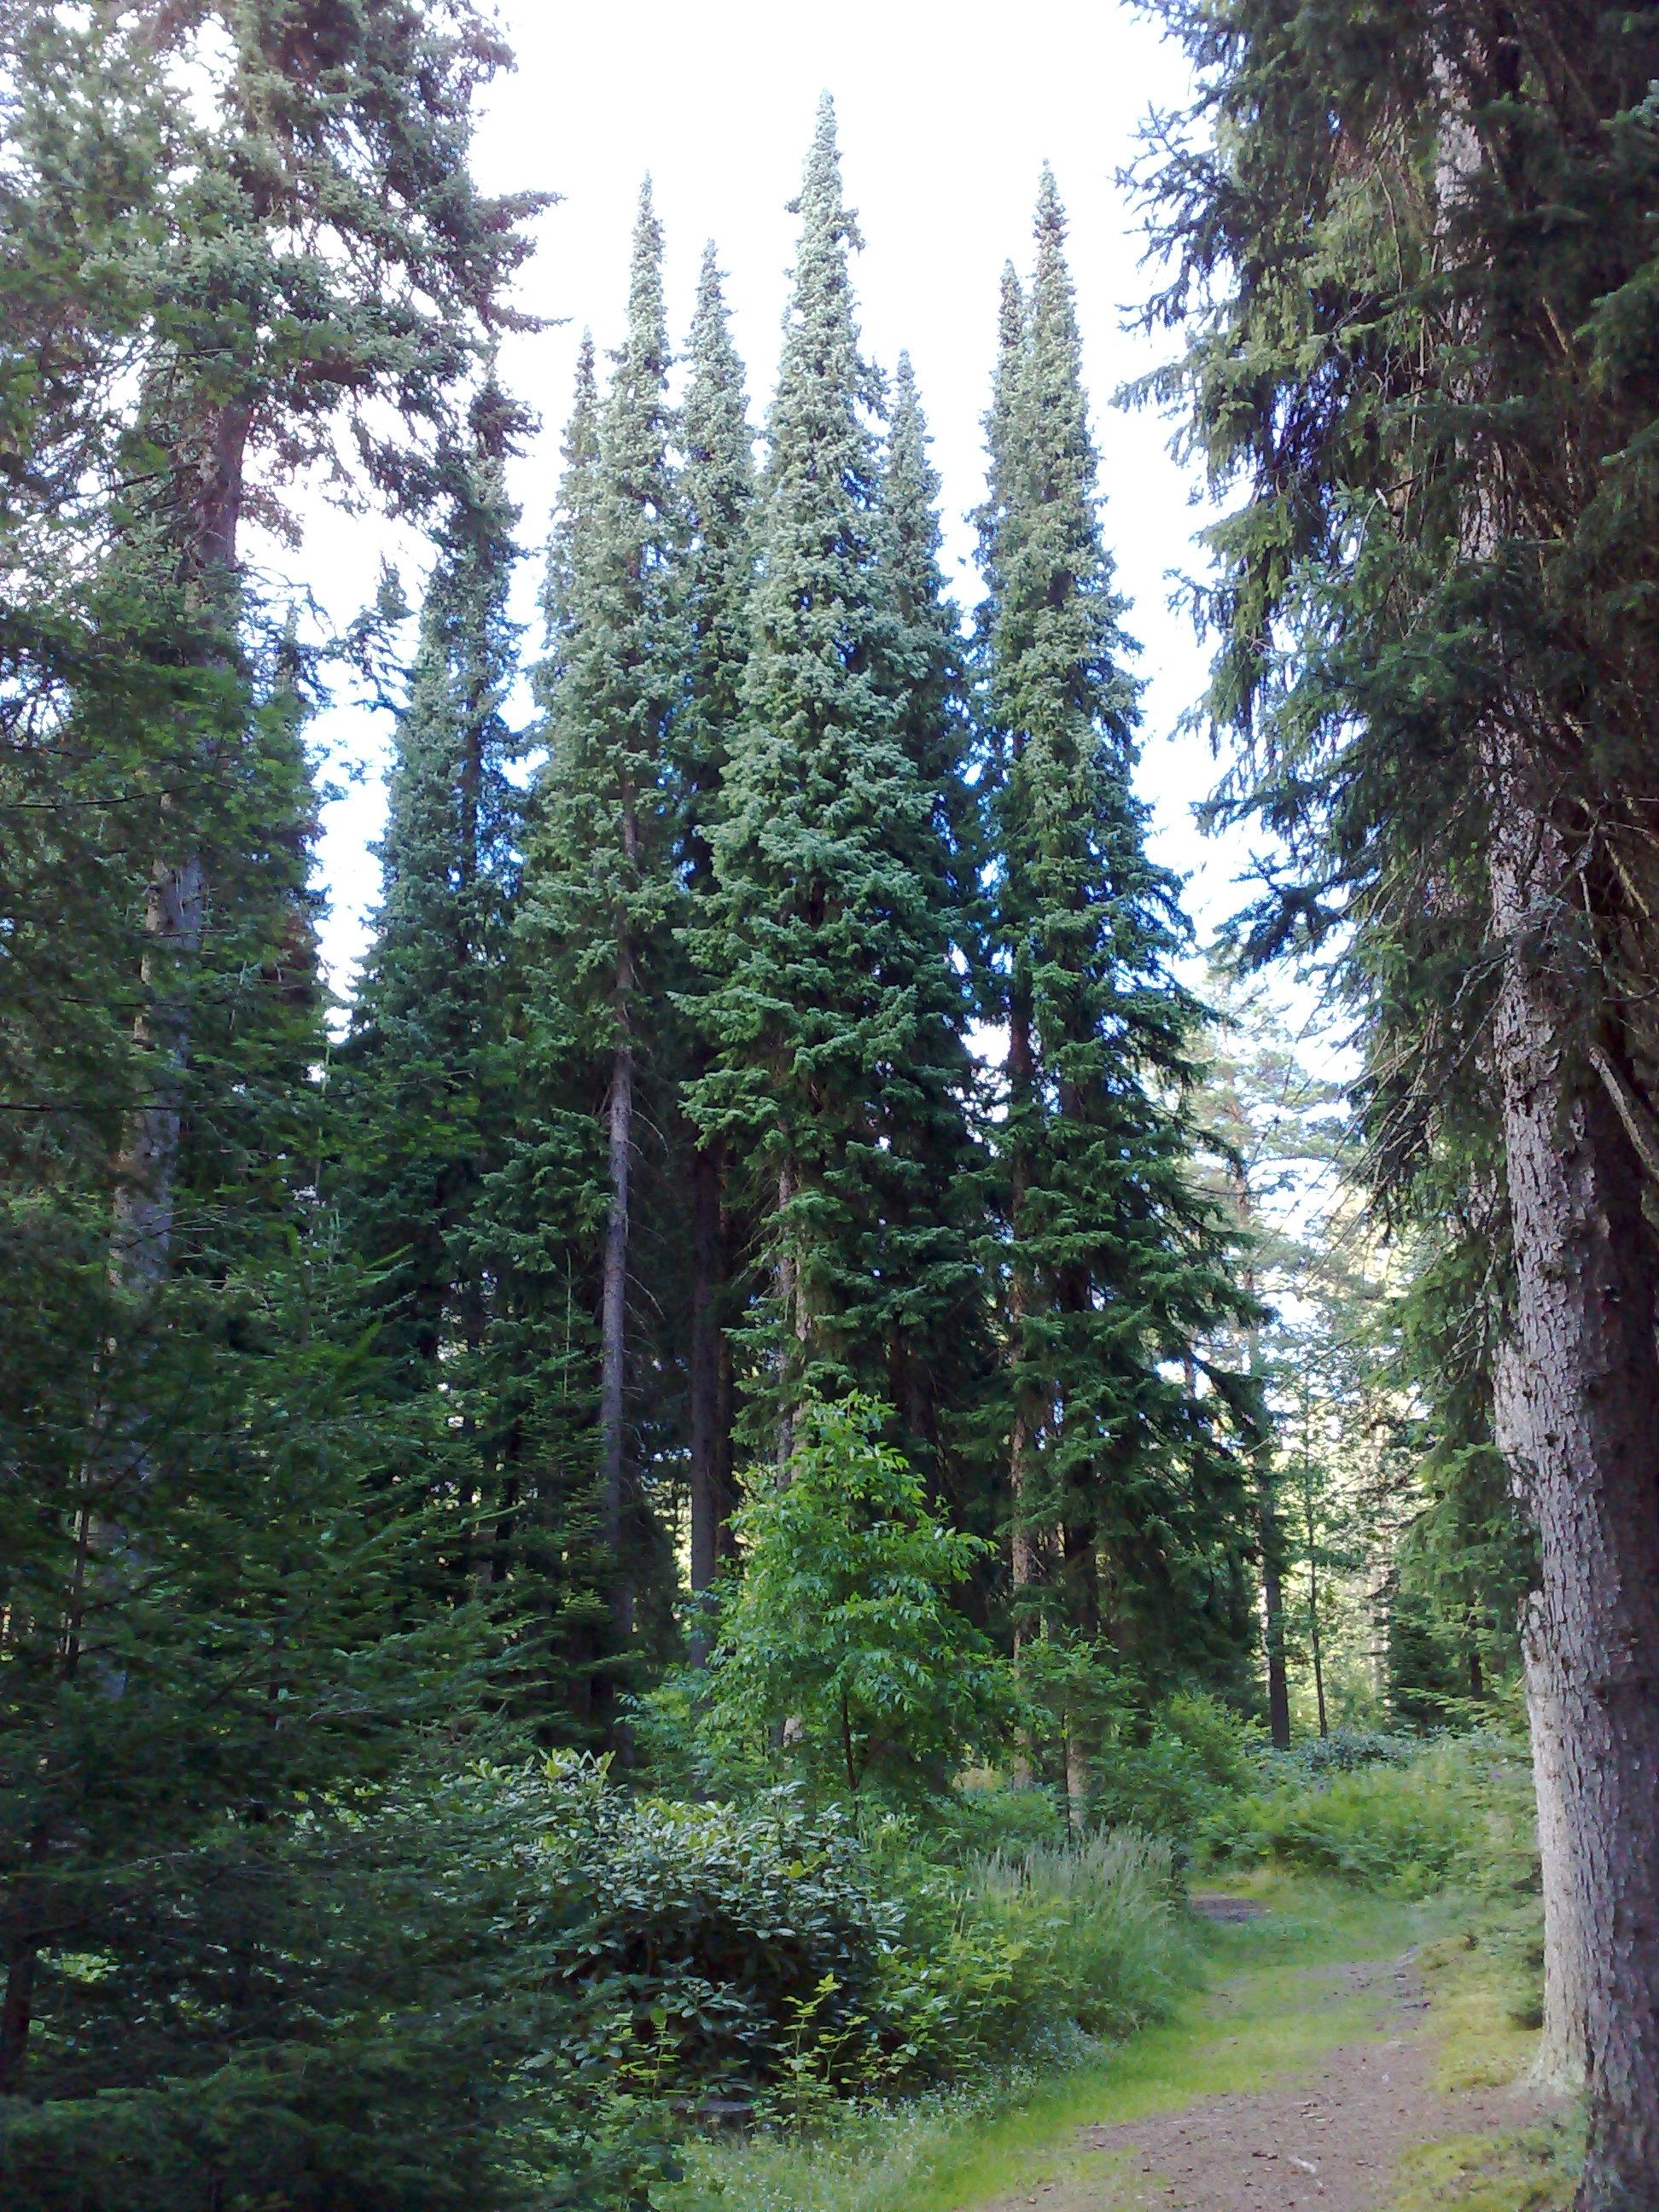 https://i1.wp.com/upload.wikimedia.org/wikipedia/commons/0/0d/Mustila_Arboretum.jpg